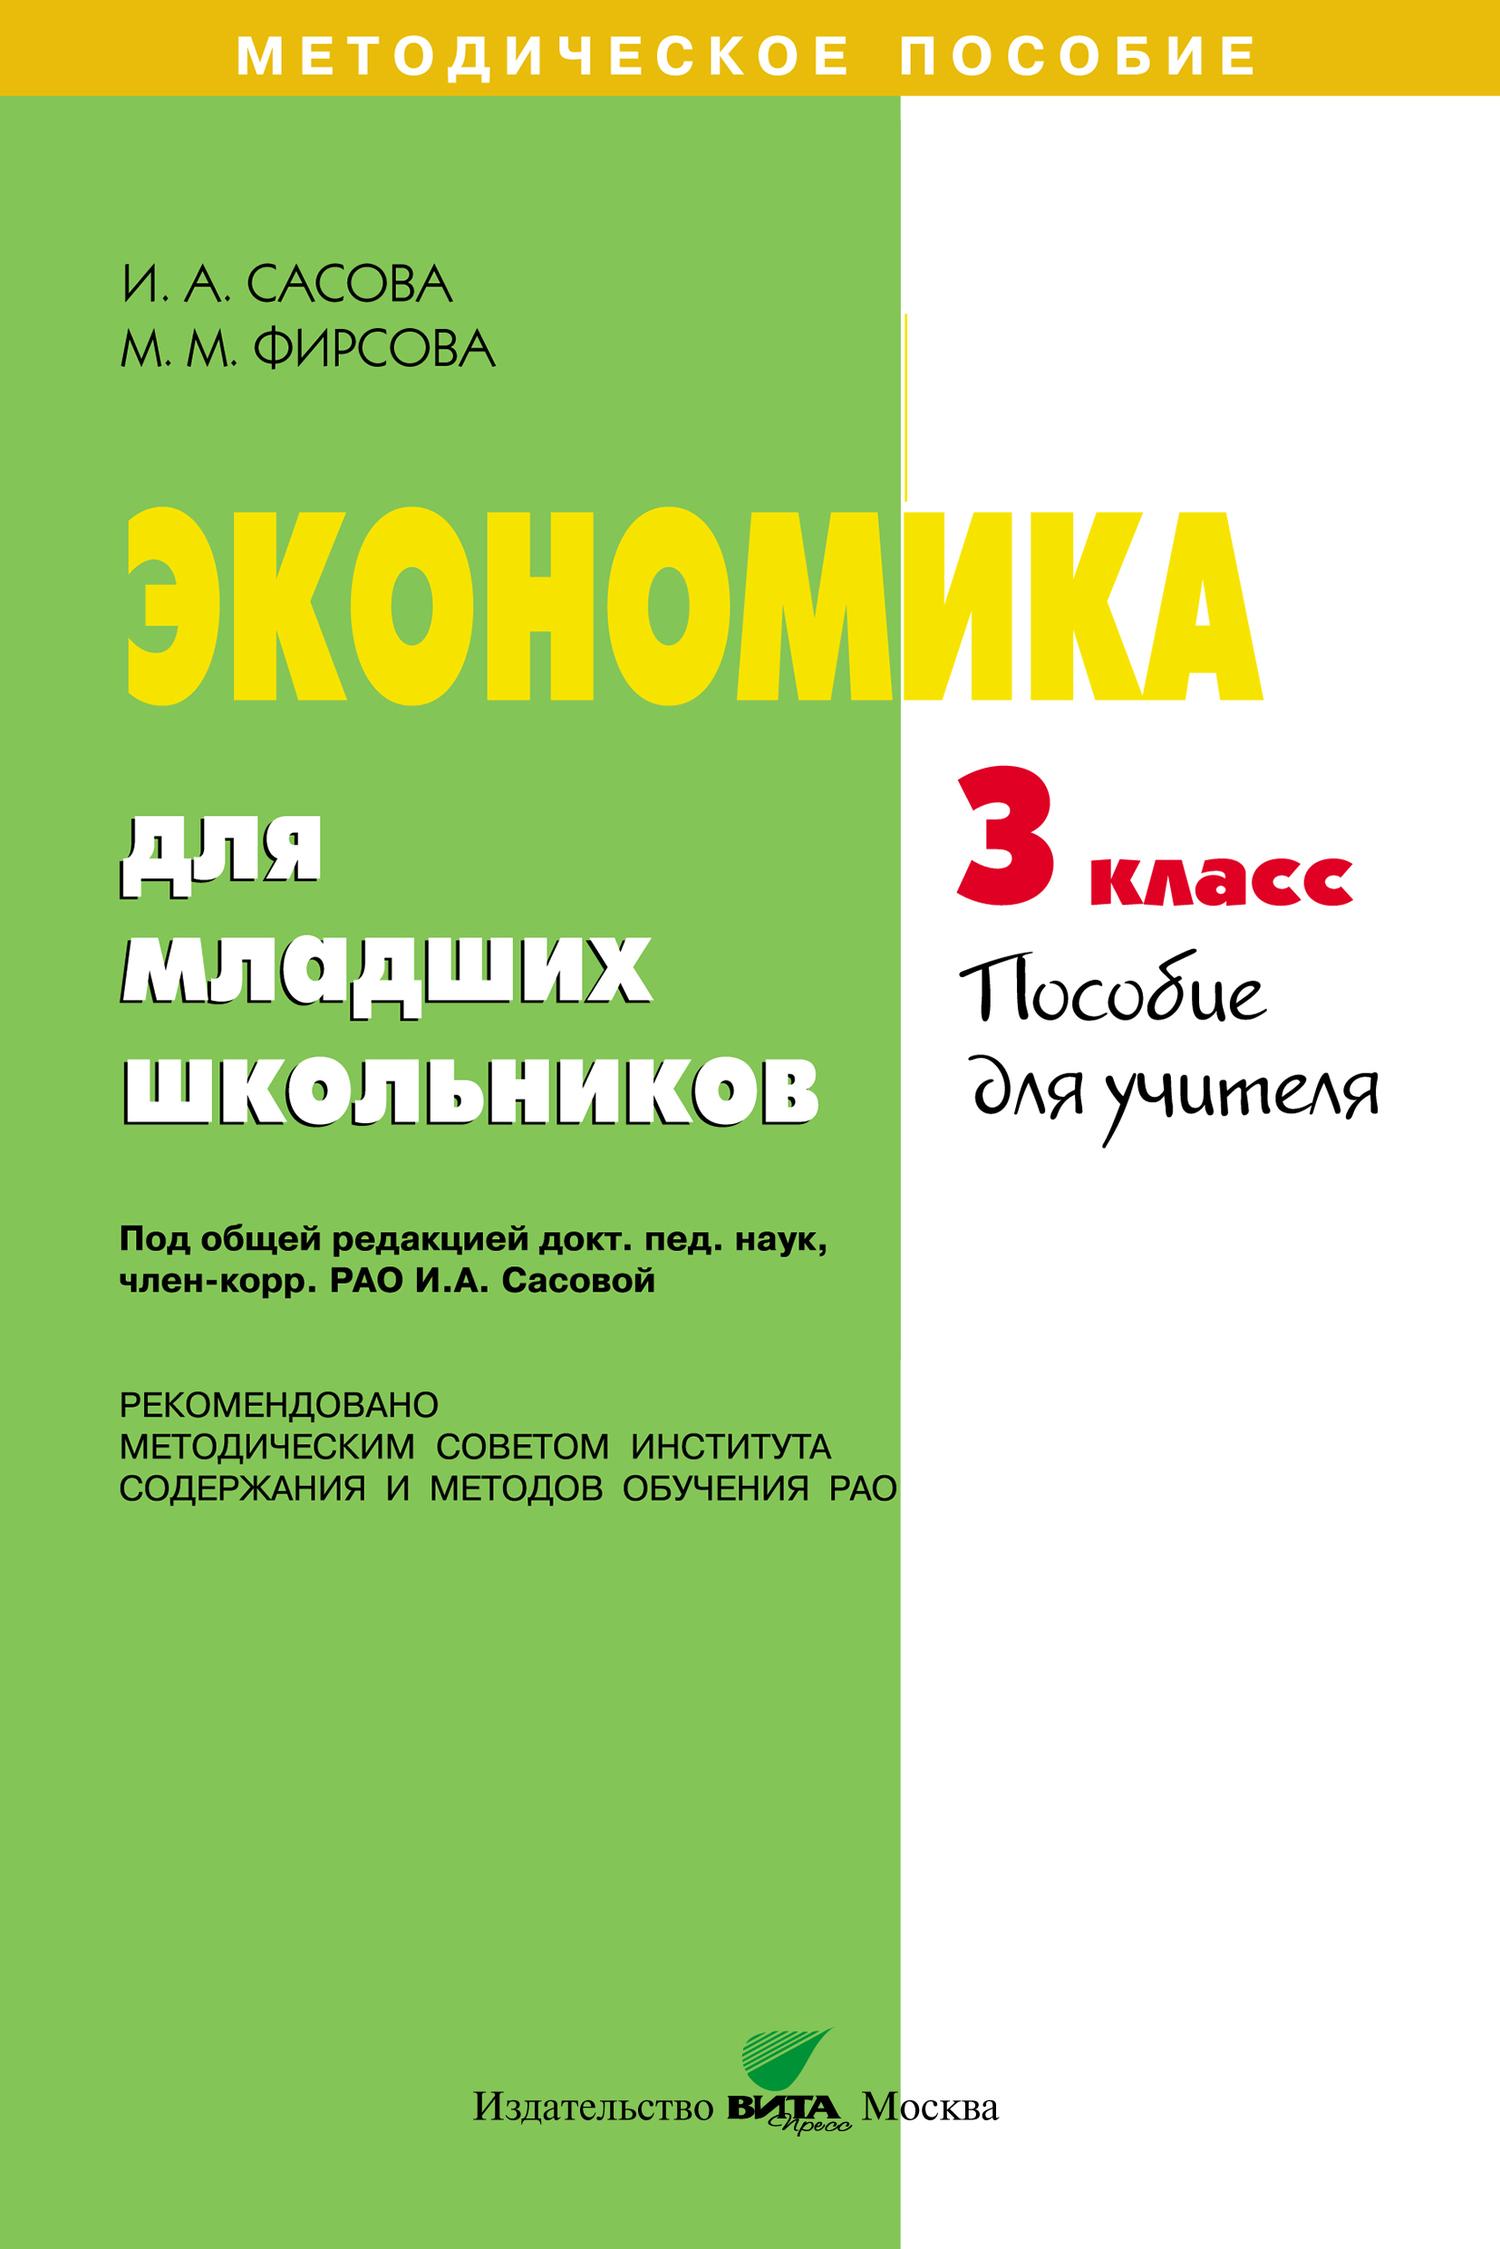 И. А. Сасова. Экономика для младших школьников. 3 класс. Пособие для учителя